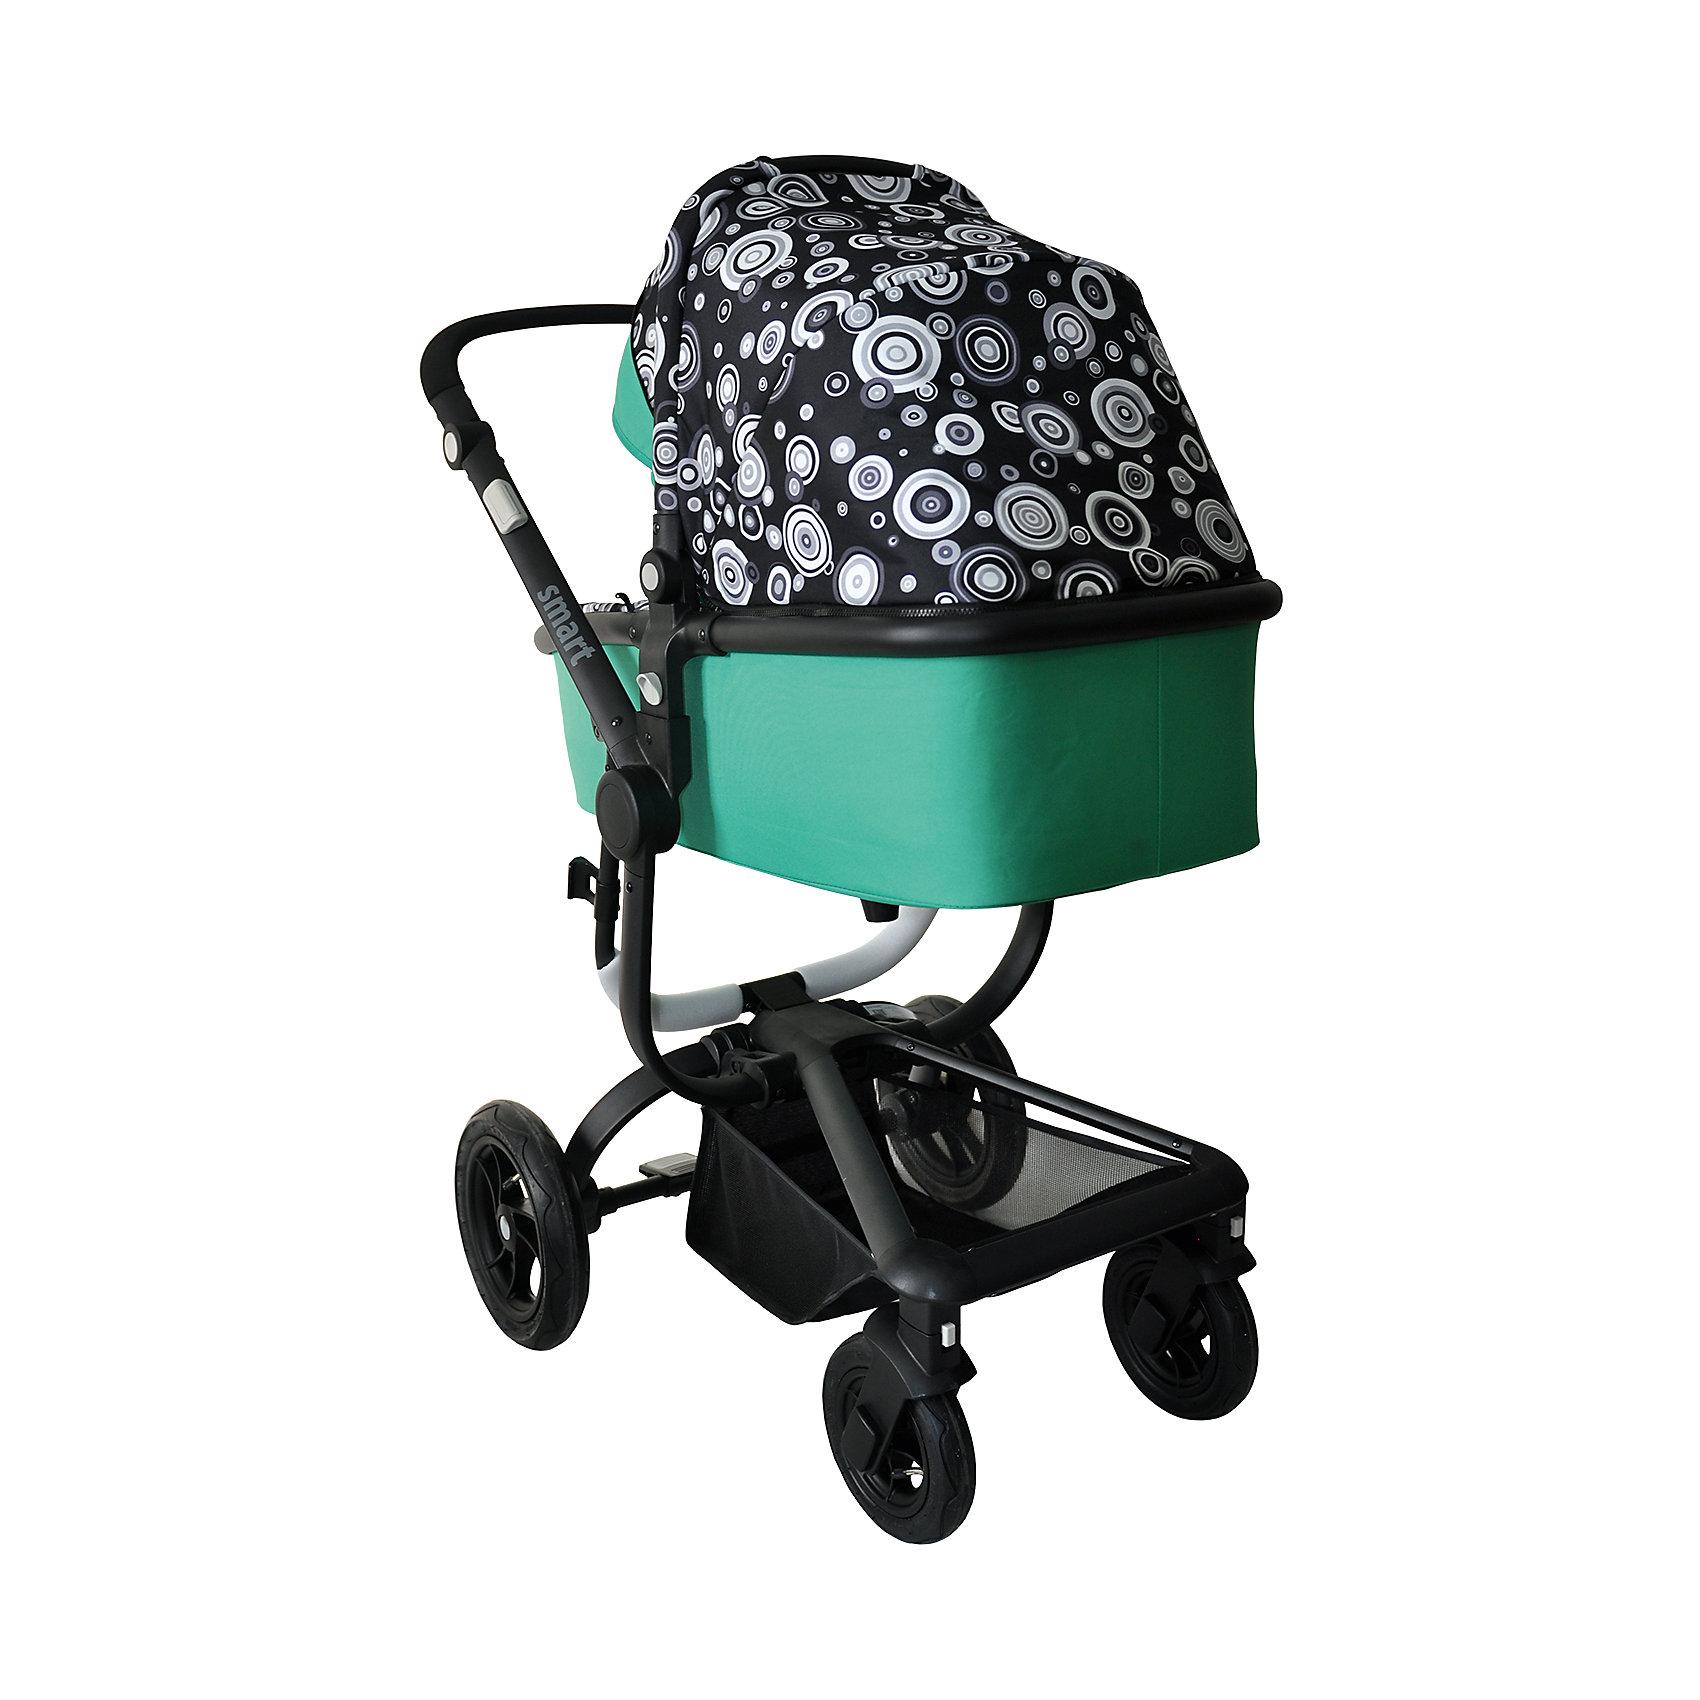 Коляска 2-в-1 SMART, Baby Hit, черный/зеленыйДетская коляска с прогулочным блоком и люлькой сыграет важную роль в прогулках с малышом от рождения и пока крохе не исполнится три годика. Просторная люлька с жестким дном, каркасная, теплая, непродуваемая. Прогулочный блок с накидкой на ножки, съемным бампером и опускающейся почти до горизонтального положения спинкой.<br><br>Характеристика:<br>- Для детей от рождения до трех лет.<br>- Переставляемый «лицом к родителю» и обратно прогулочный блок.<br>- Перекидная родительская ручка.<br>- Четыре положения регулировки наклона спинки.<br>- Регулируемая подножка.<br>- Поворотные одинарные передние колеса с фиксацией.<br>- Съемный ограничительный поручень с паховым ремнем.<br>- Пятиточечная система ремней безопасности.<br>- Прочная алюминиевая рама<br>- Багажная корзина с козырьком от грязи.<br>- Облегченные колеса (передние 18 см, задние  24 см).<br>- Ширина колесной базы менее 60 см (проходит в стандартные дверные проемы).<br>Люлька:<br>- Регулируемый наклон спинки: 3 положения;<br>- Спинка опускается до горизонтального положения;<br>- Регулируемая подножка, серые боковые кнопки регулировки;<br>- Съемный защитный бампер;<br>- Бампер обтянут мягкой тканью;<br>- Глубокий капюшон-батискаф с солнцезащитным козырьком и смотровым окошком;<br>- Утепленный чехол на ножки.<br>Рама:<br>- Тип складывания: книжка;<br>- Рама неустойчива в сложенном виде;<br>- Тип тормоза: ножной;<br>- Различная ширина колесной базы;<br>- Колеса разного диаметра;<br>- Задние колеса надувные, материал ПВХ;<br>- Передние колеса поворотные с блокировкой,          - Материал полиуретан;<br>- Ручка сплошная;<br>- Высота ручки регулируется, используются боковые кнопки серого цвета, которые находятся на раме коляски.<br><br>Дополнительная информация:<br><br>- Вес коляски с люлькой - 13,5 кг.<br>- Вес коляски без люльки - 8,5 кг.<br>- Ширина колесной базы - 59,5 см<br>- Размер коляски в разложенном состоянии:112х105 х48 см. (высота, длина, ширина)<br>- Размер кол